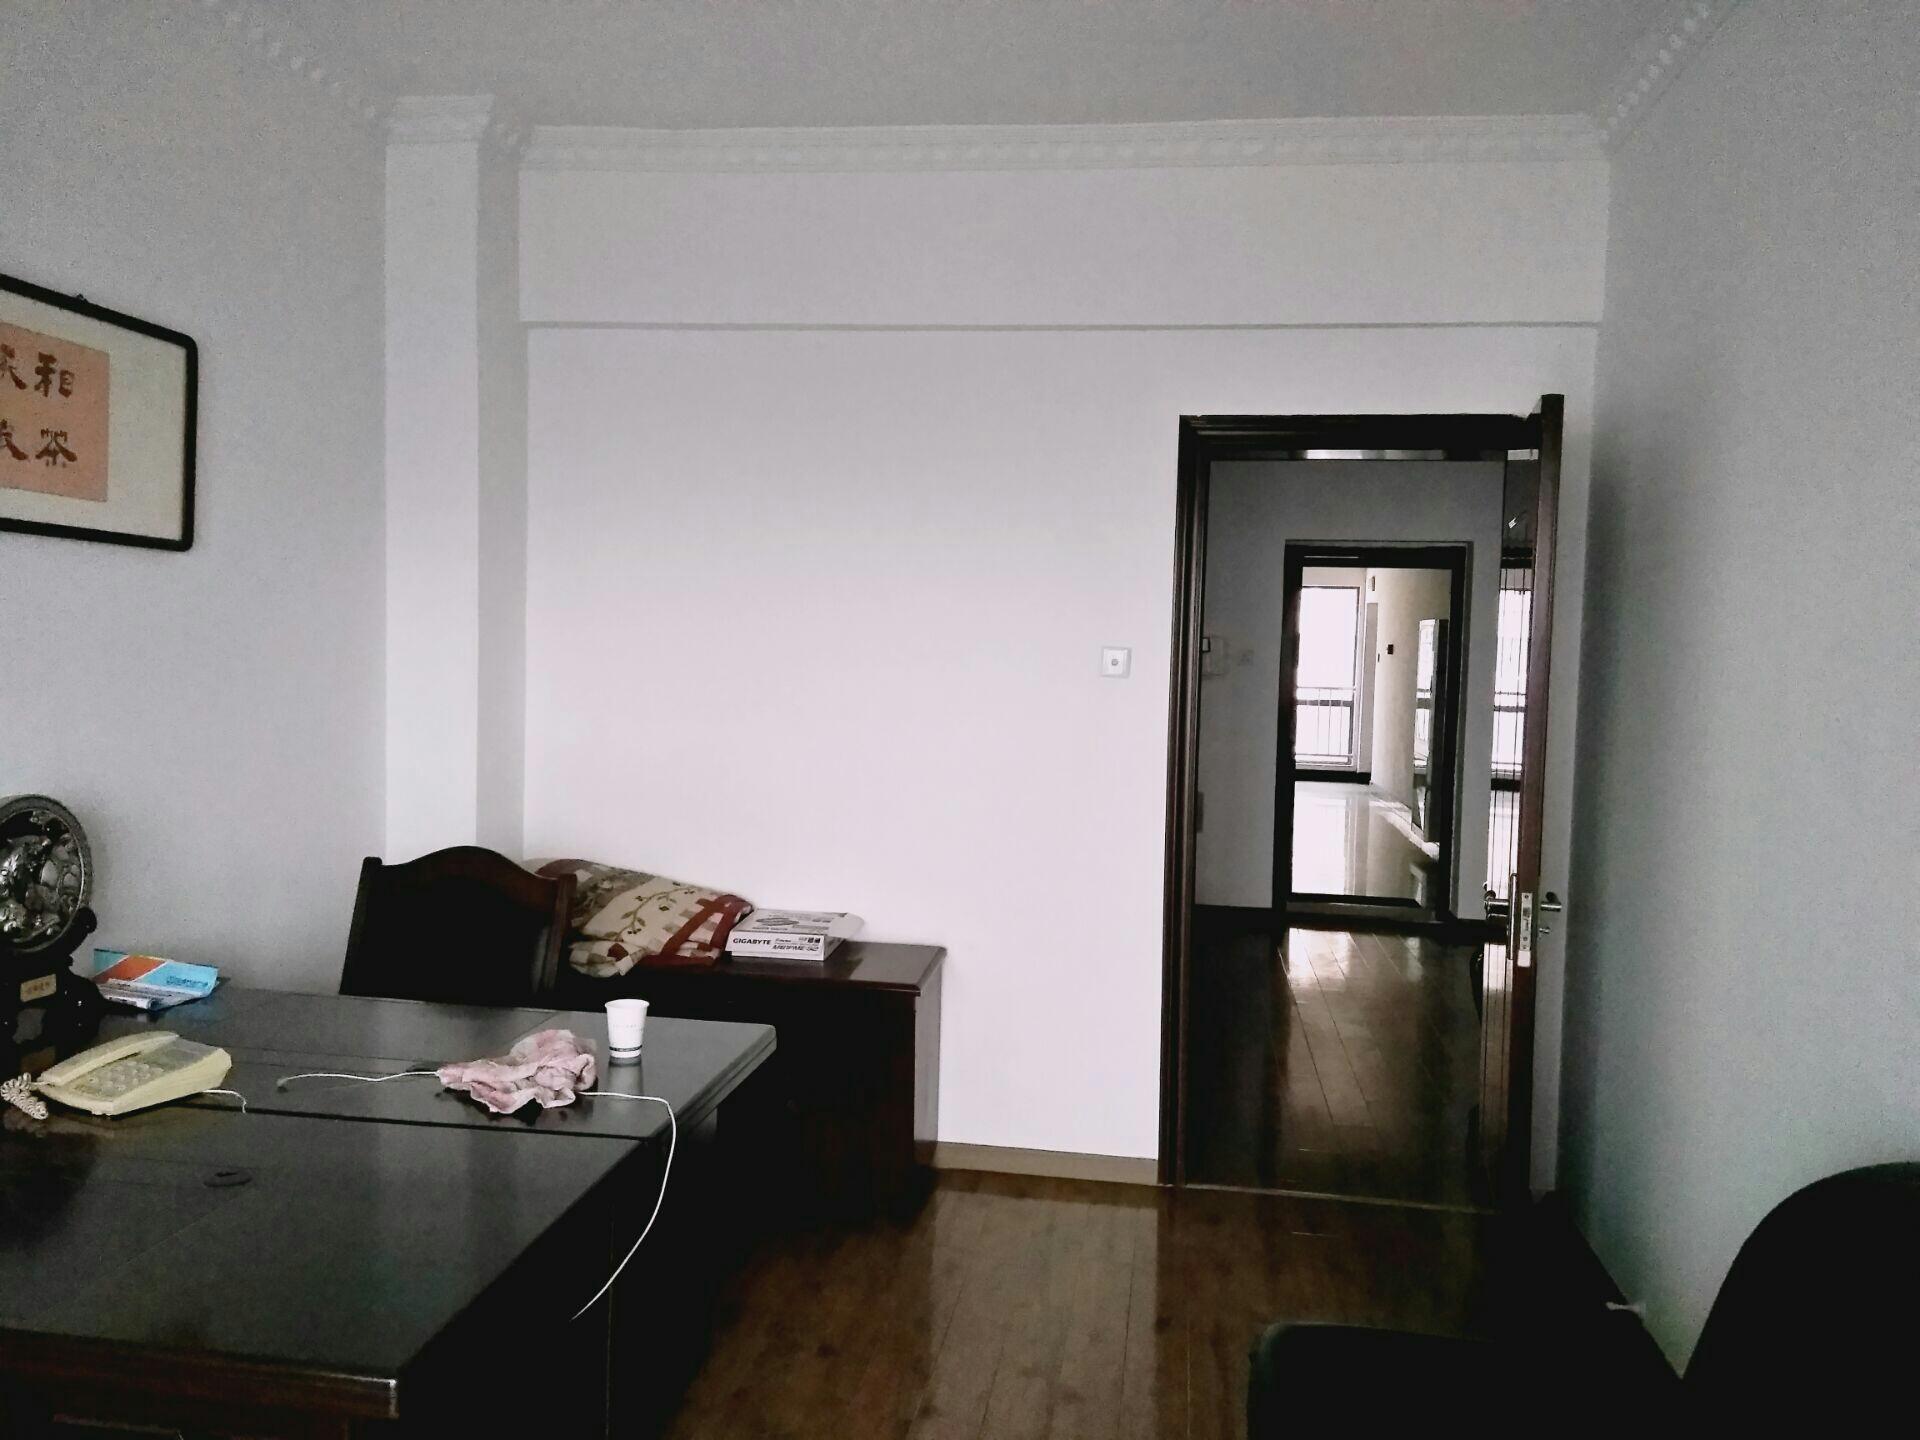 财富中心 107平米 简装2室 适合办公 家具齐全_3